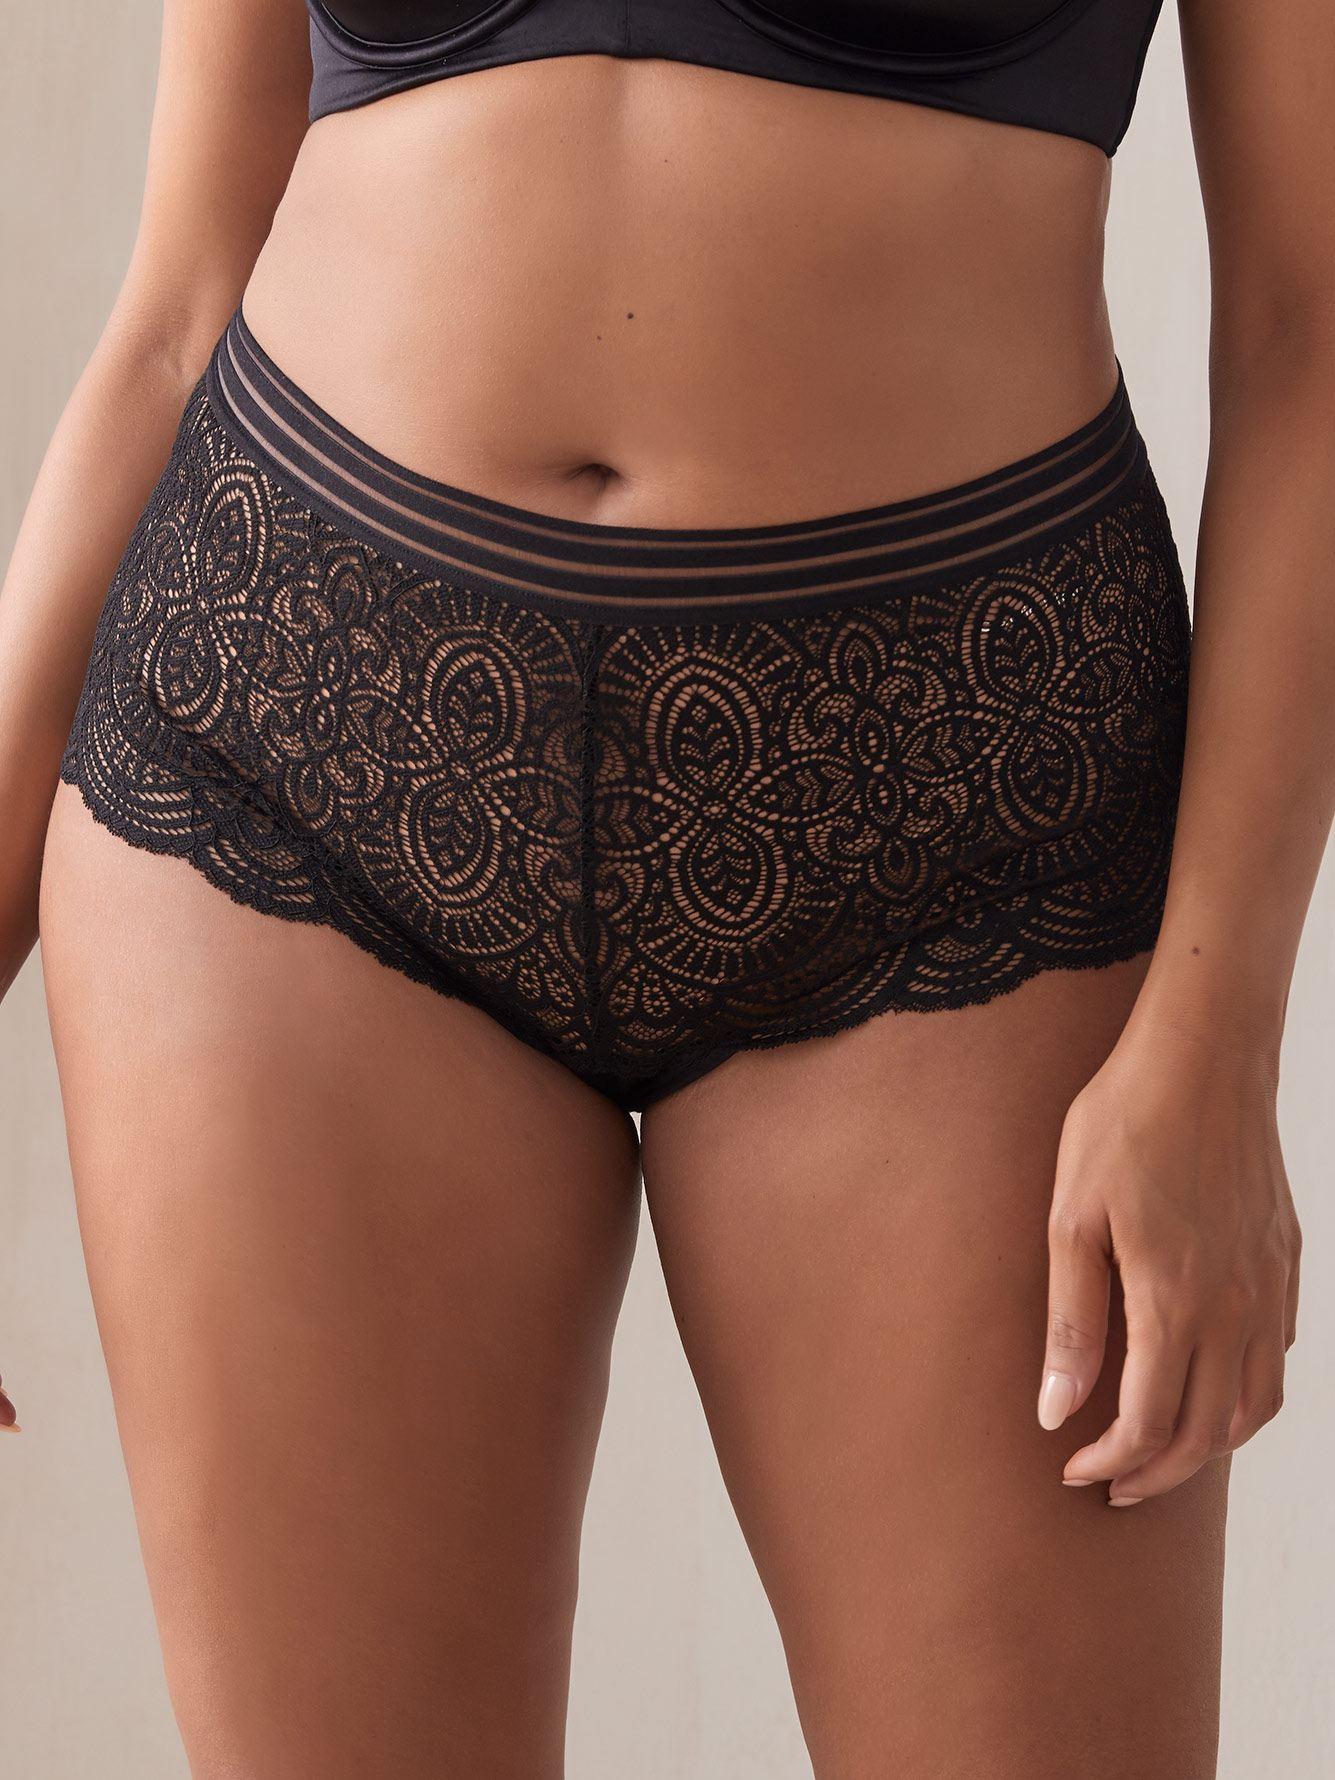 Boyshort Lace Panty - Ashley Graham